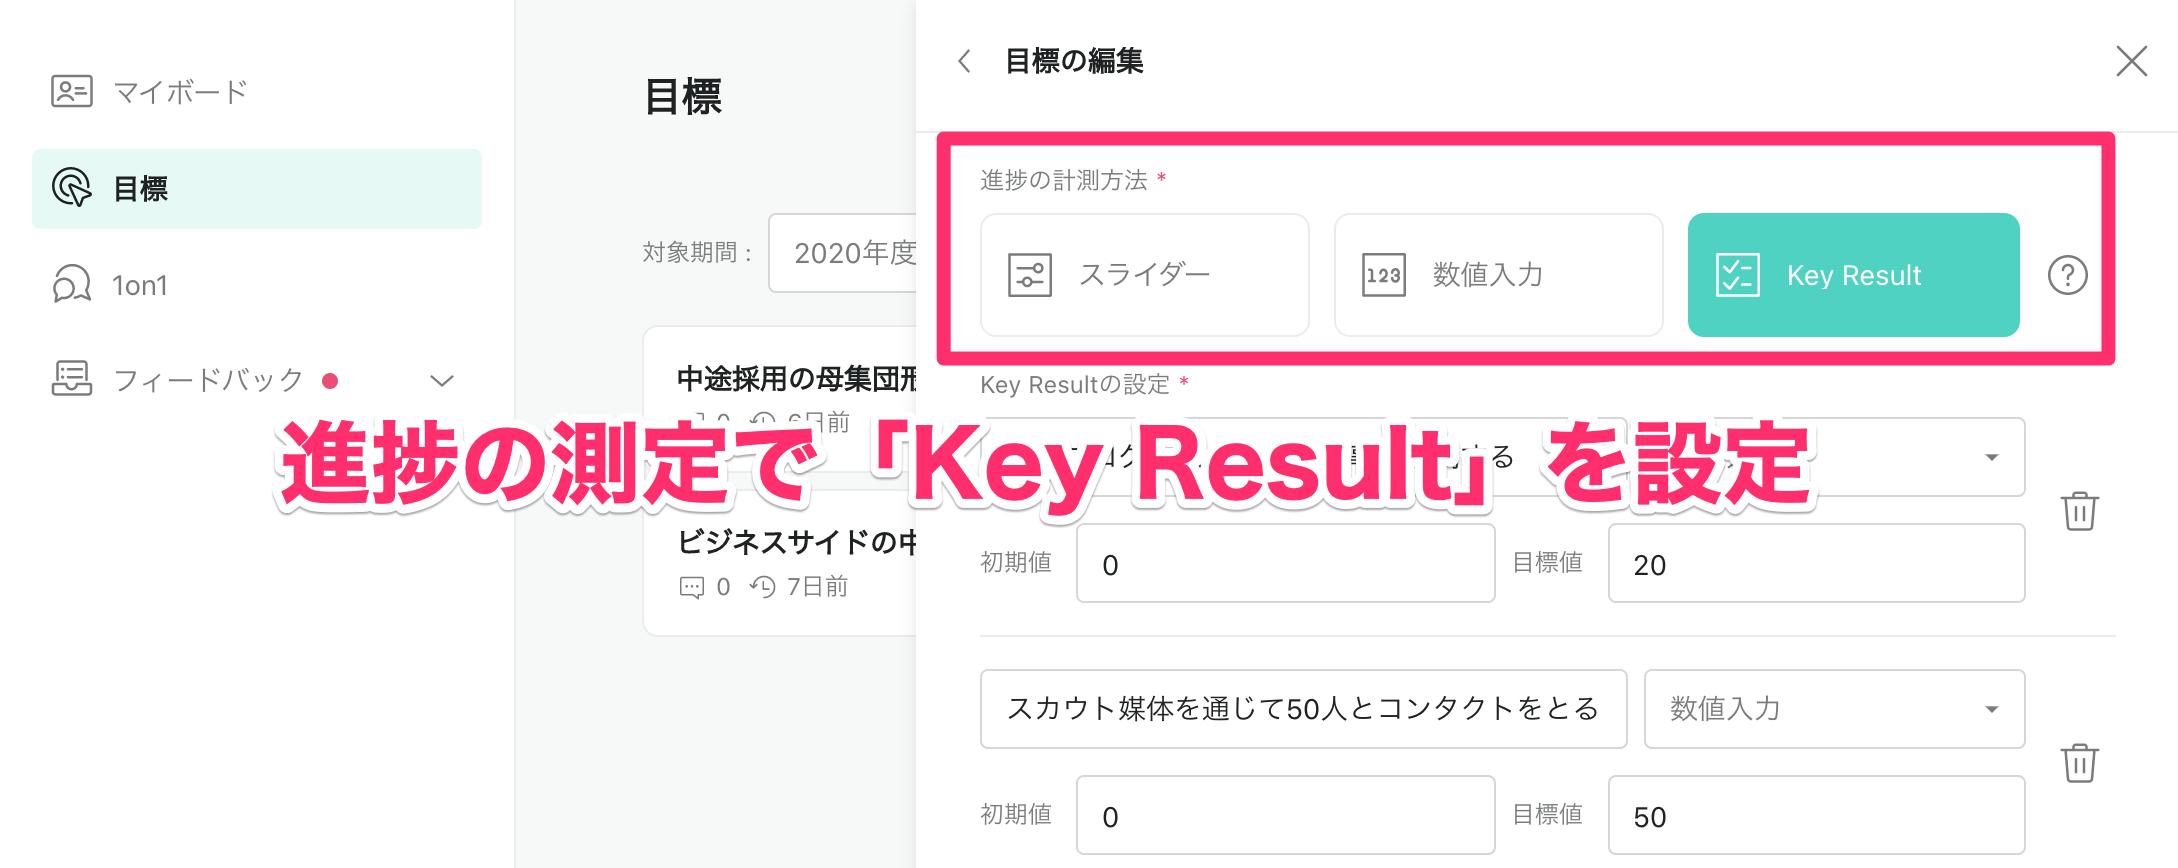 wistant_keyresult